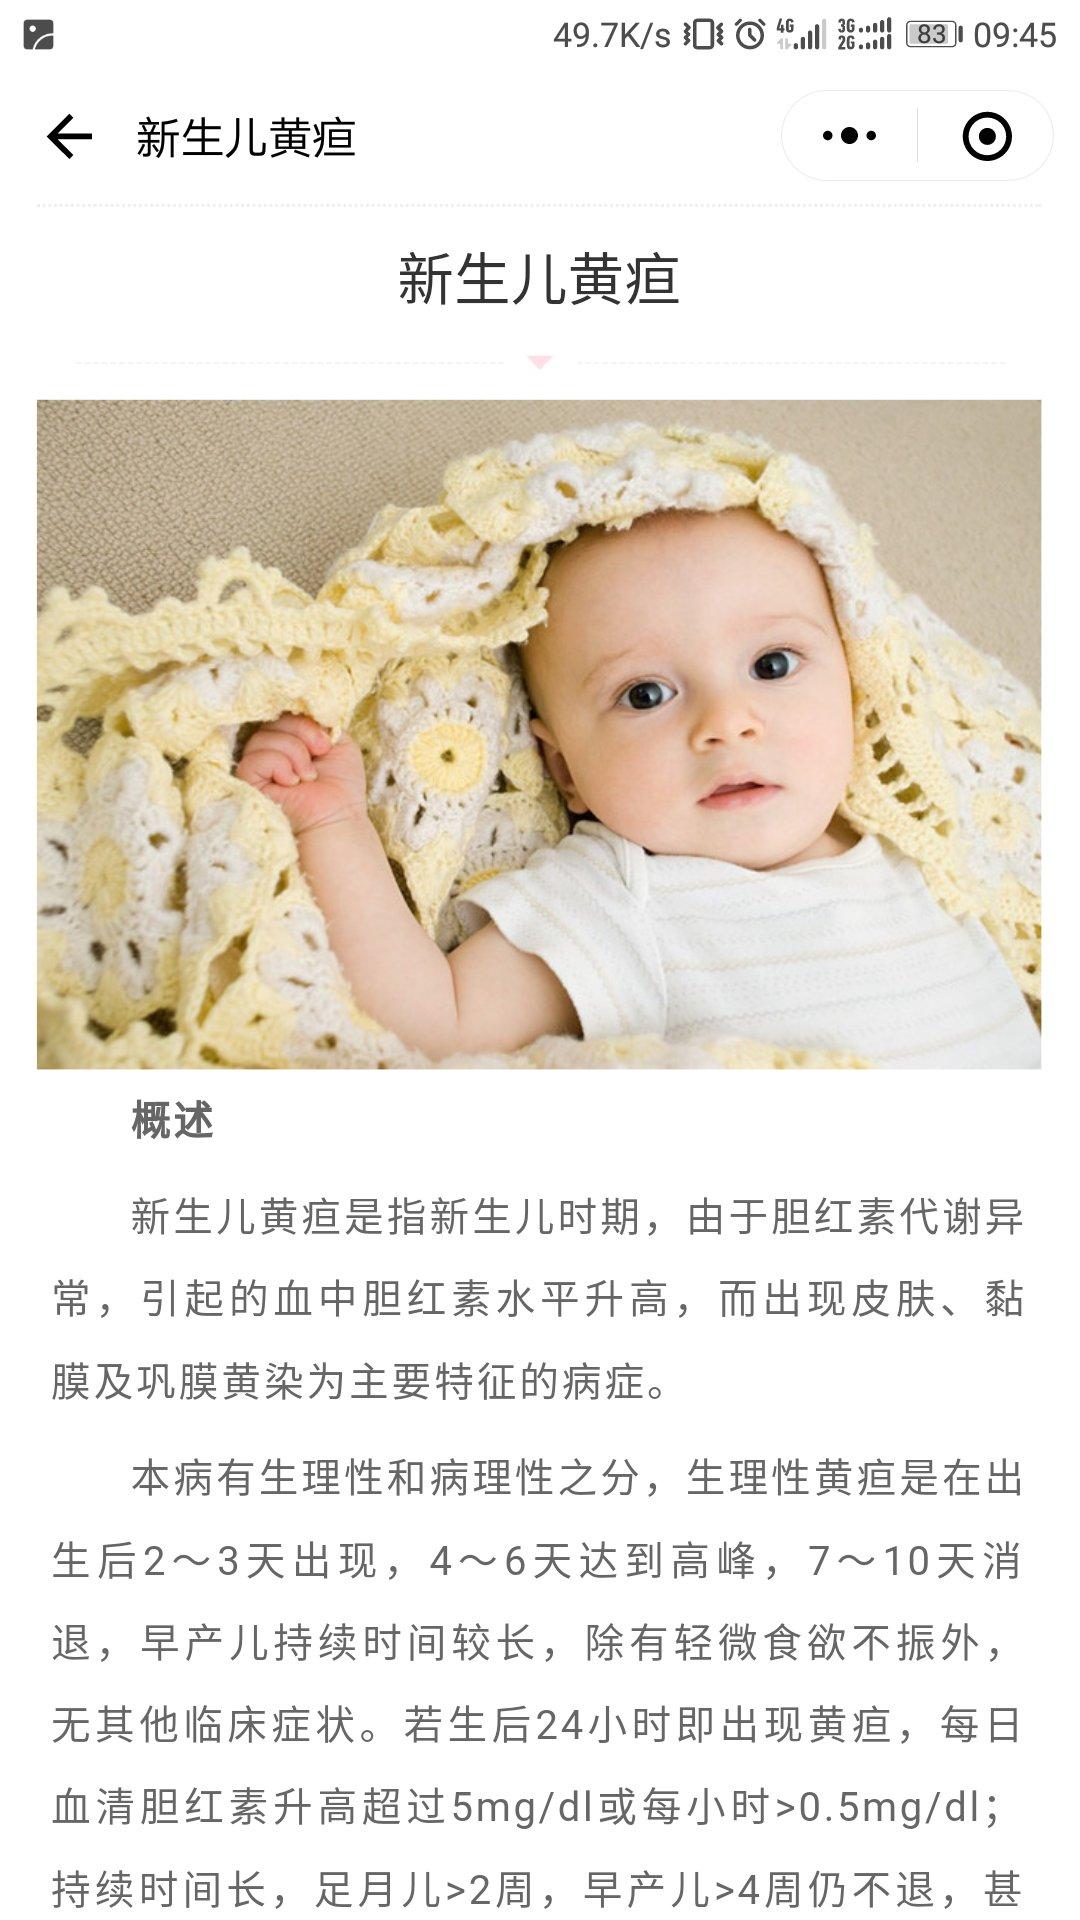 婴幼儿健康指南小程序截图